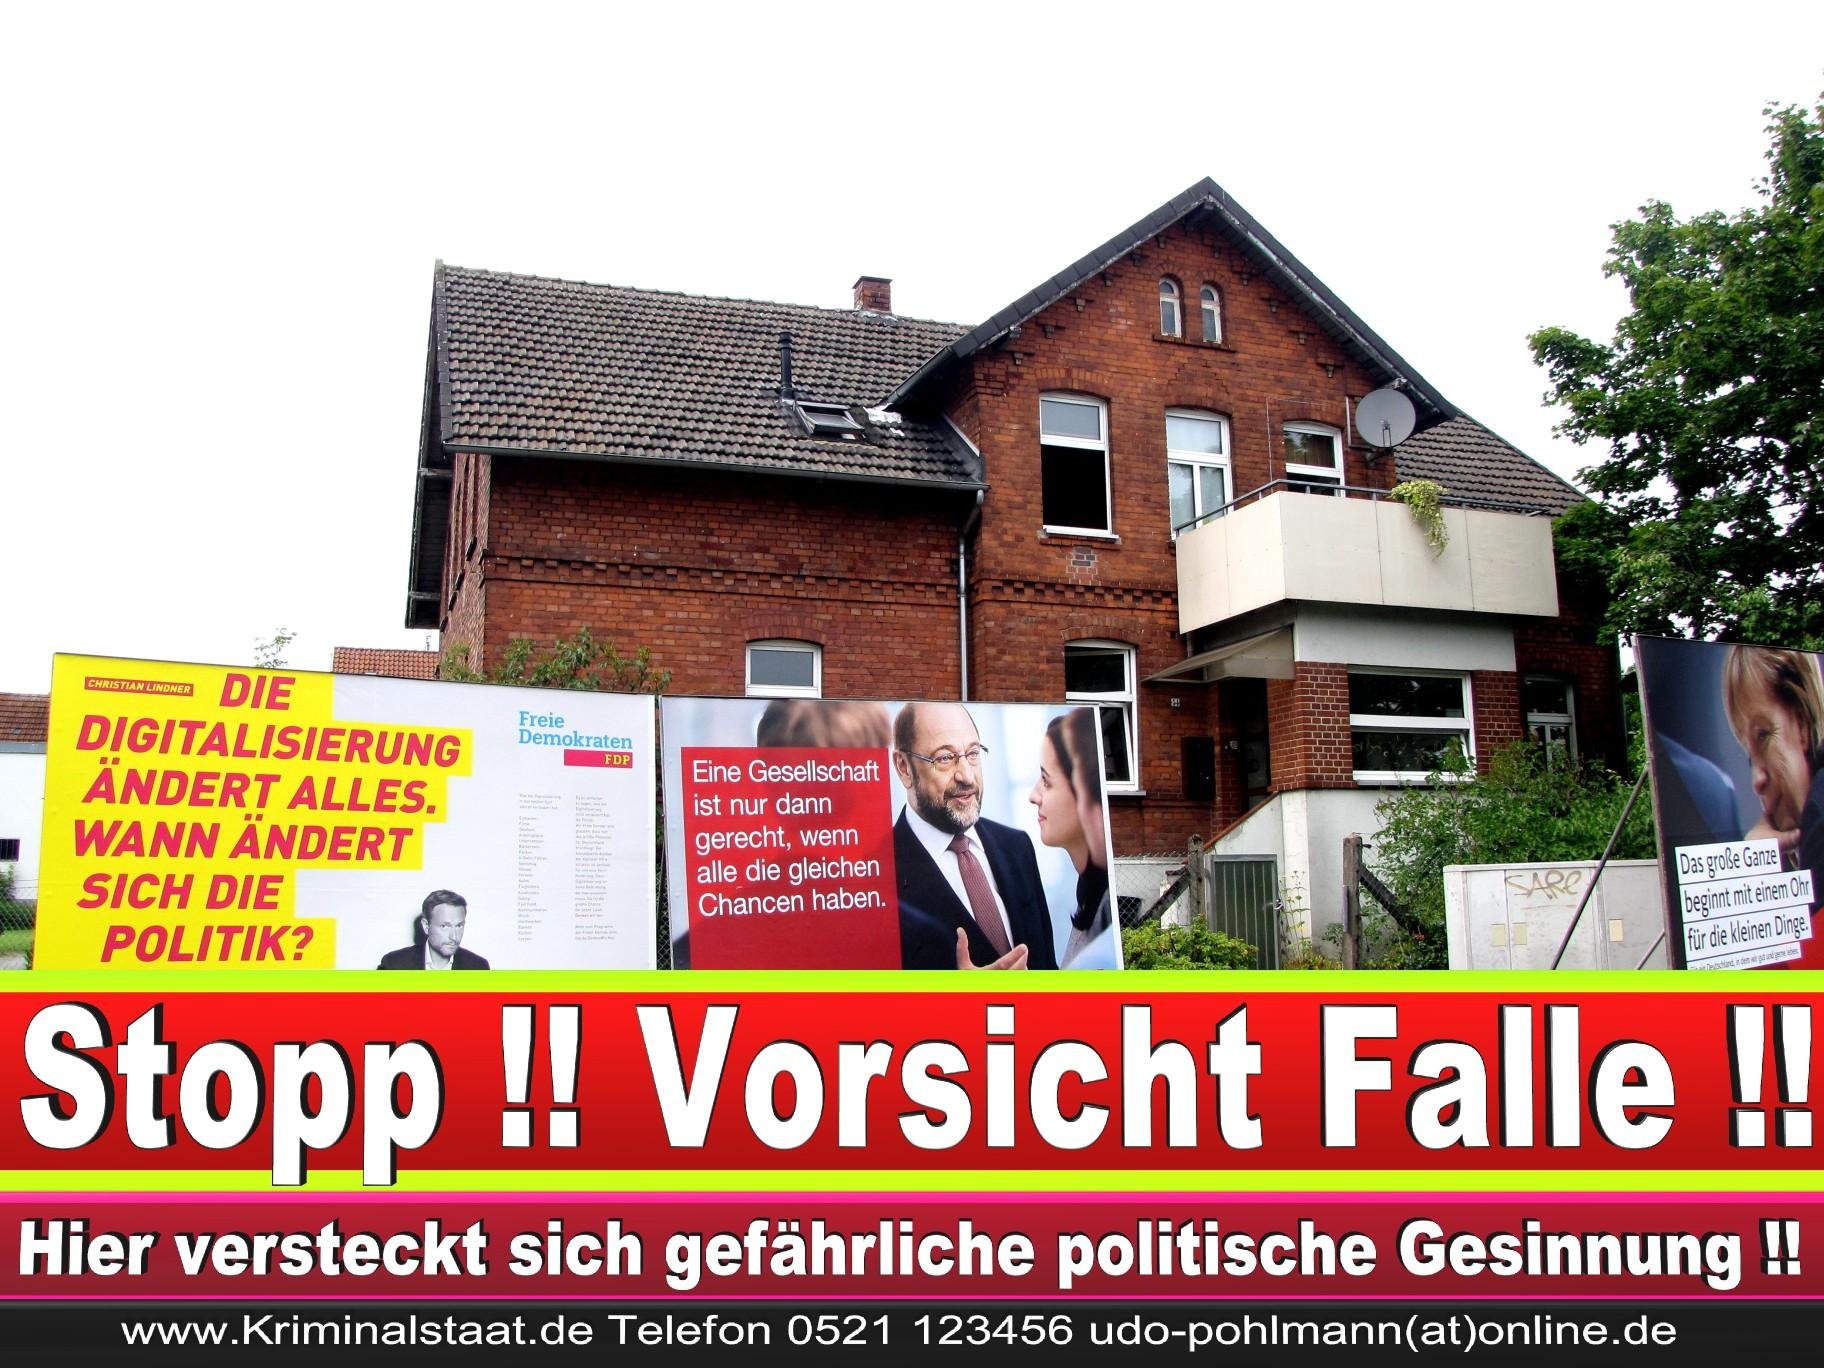 Wahlwerbung Wahlplakate Landtagswahl 2019 Europawahl CDU SPD FDP 2021 (104)